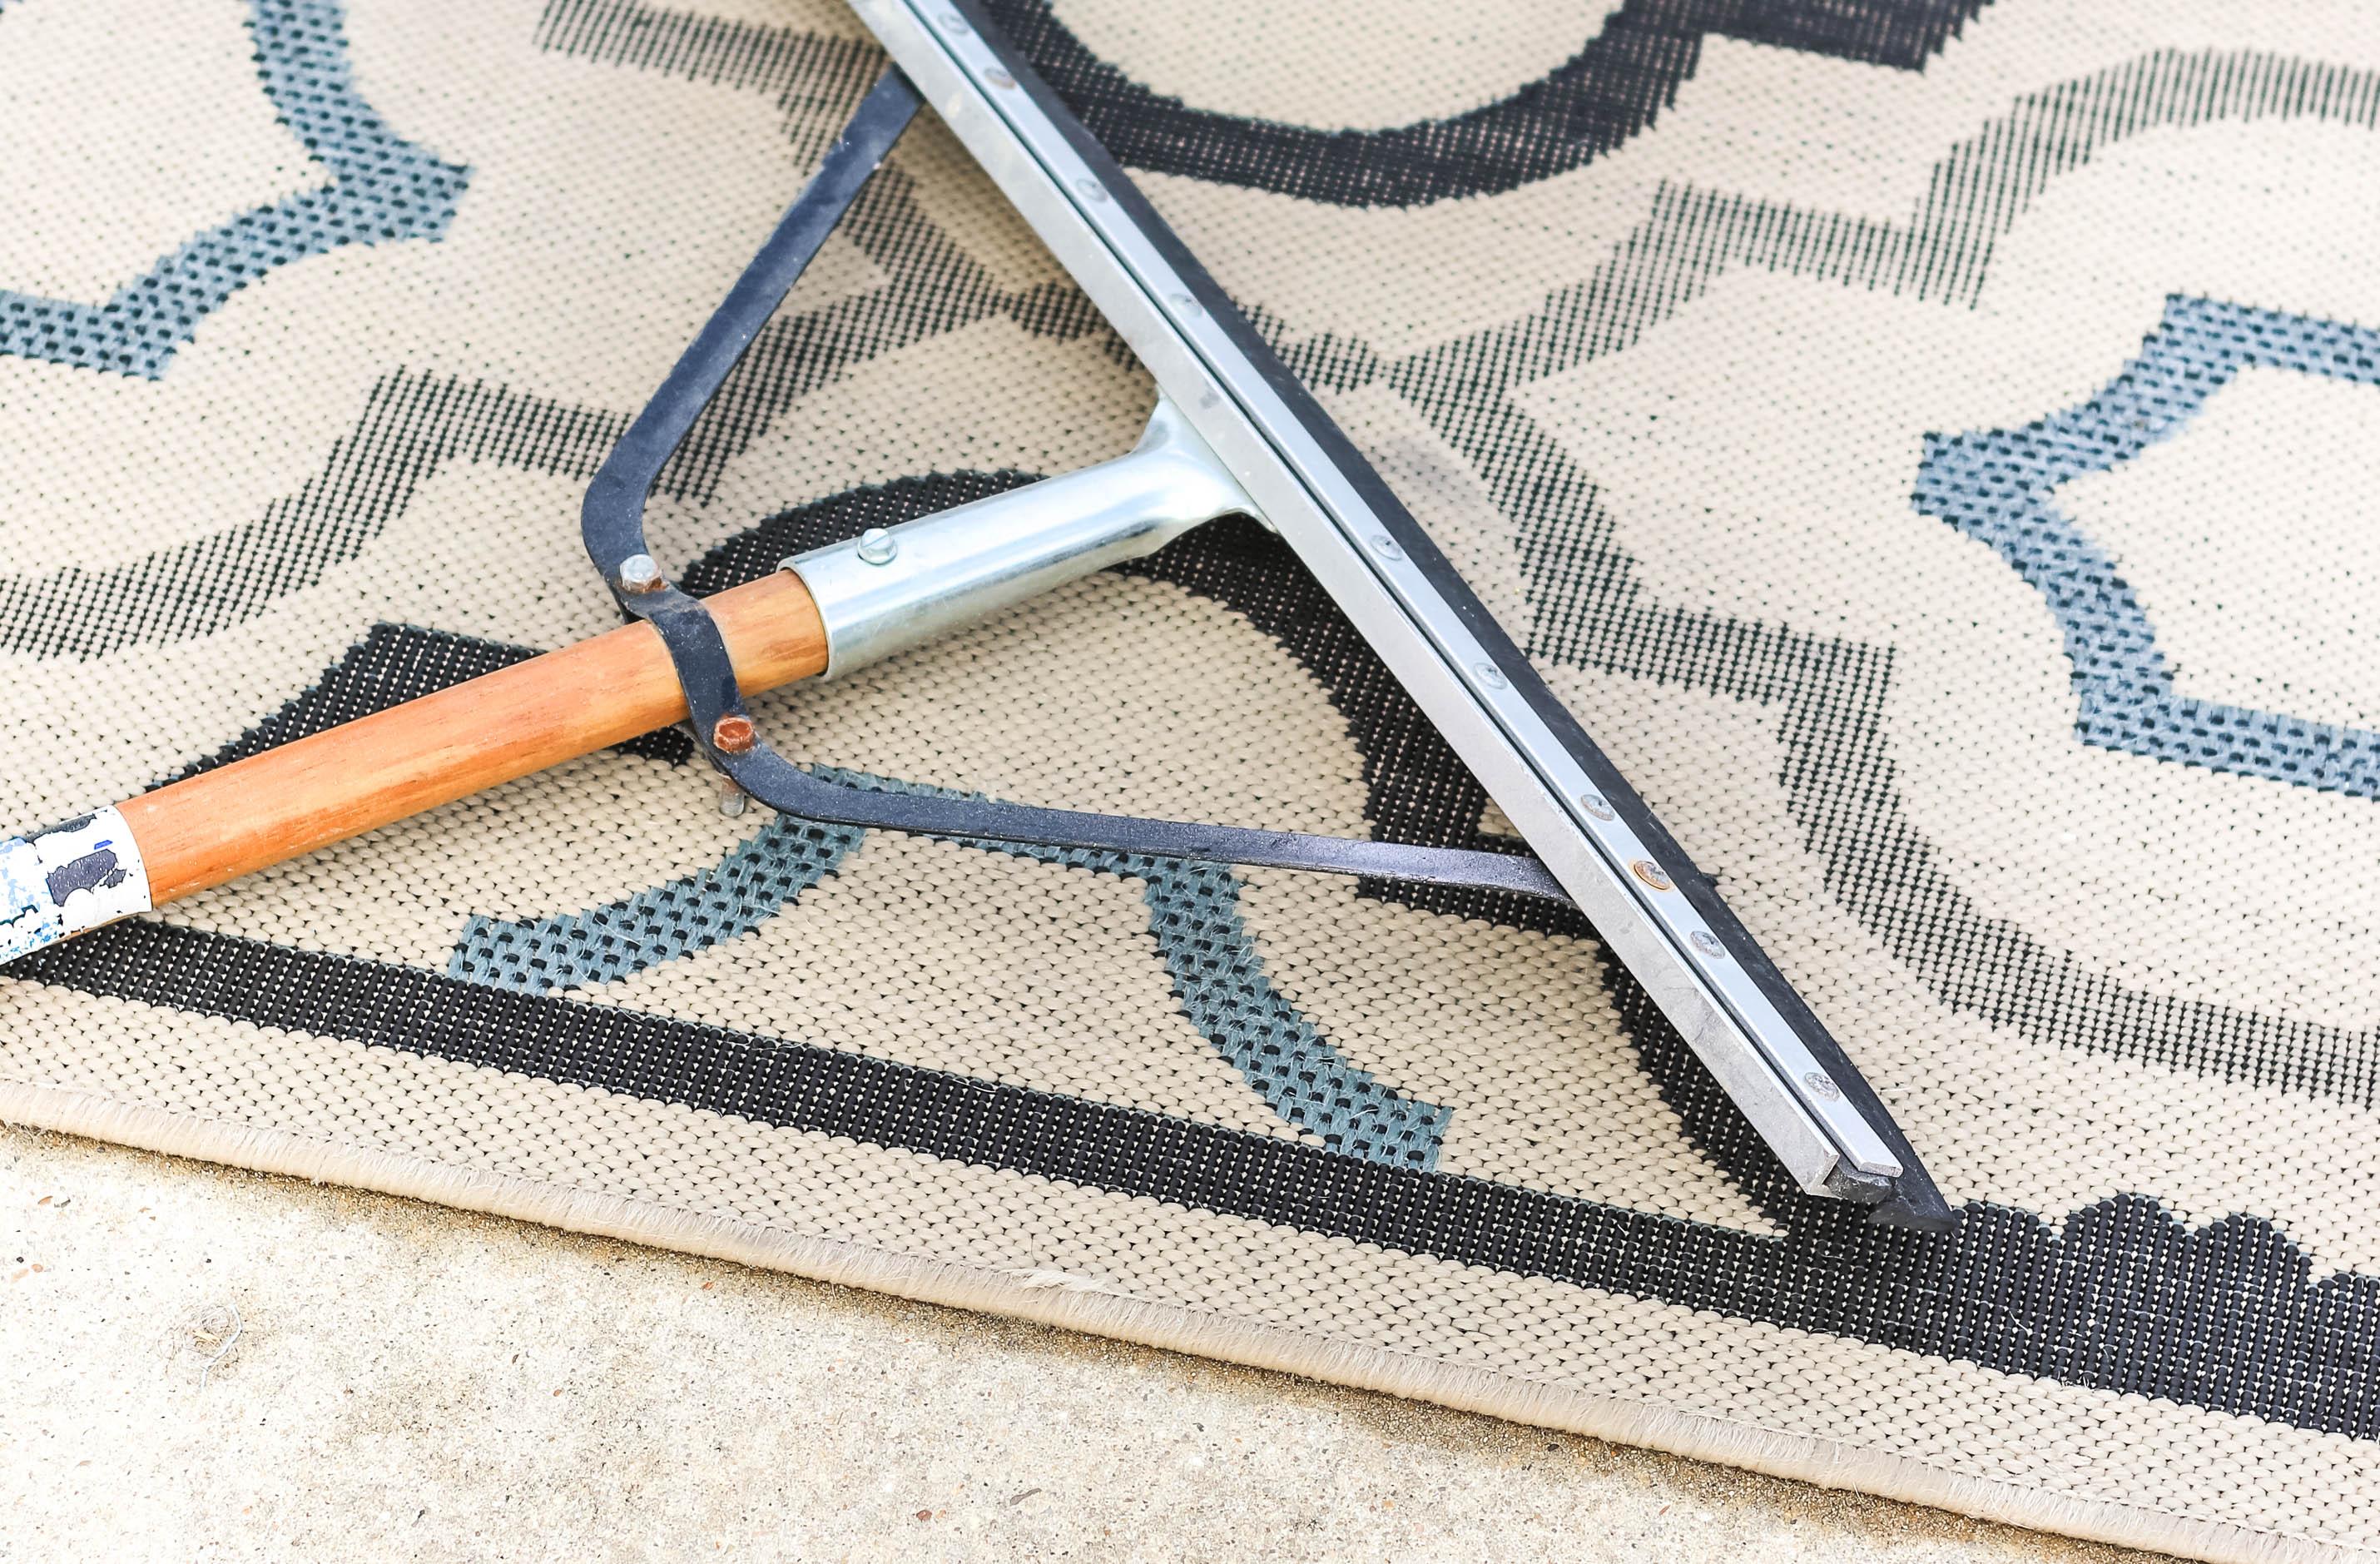 How to Clean Indoor/Outdoor Rug